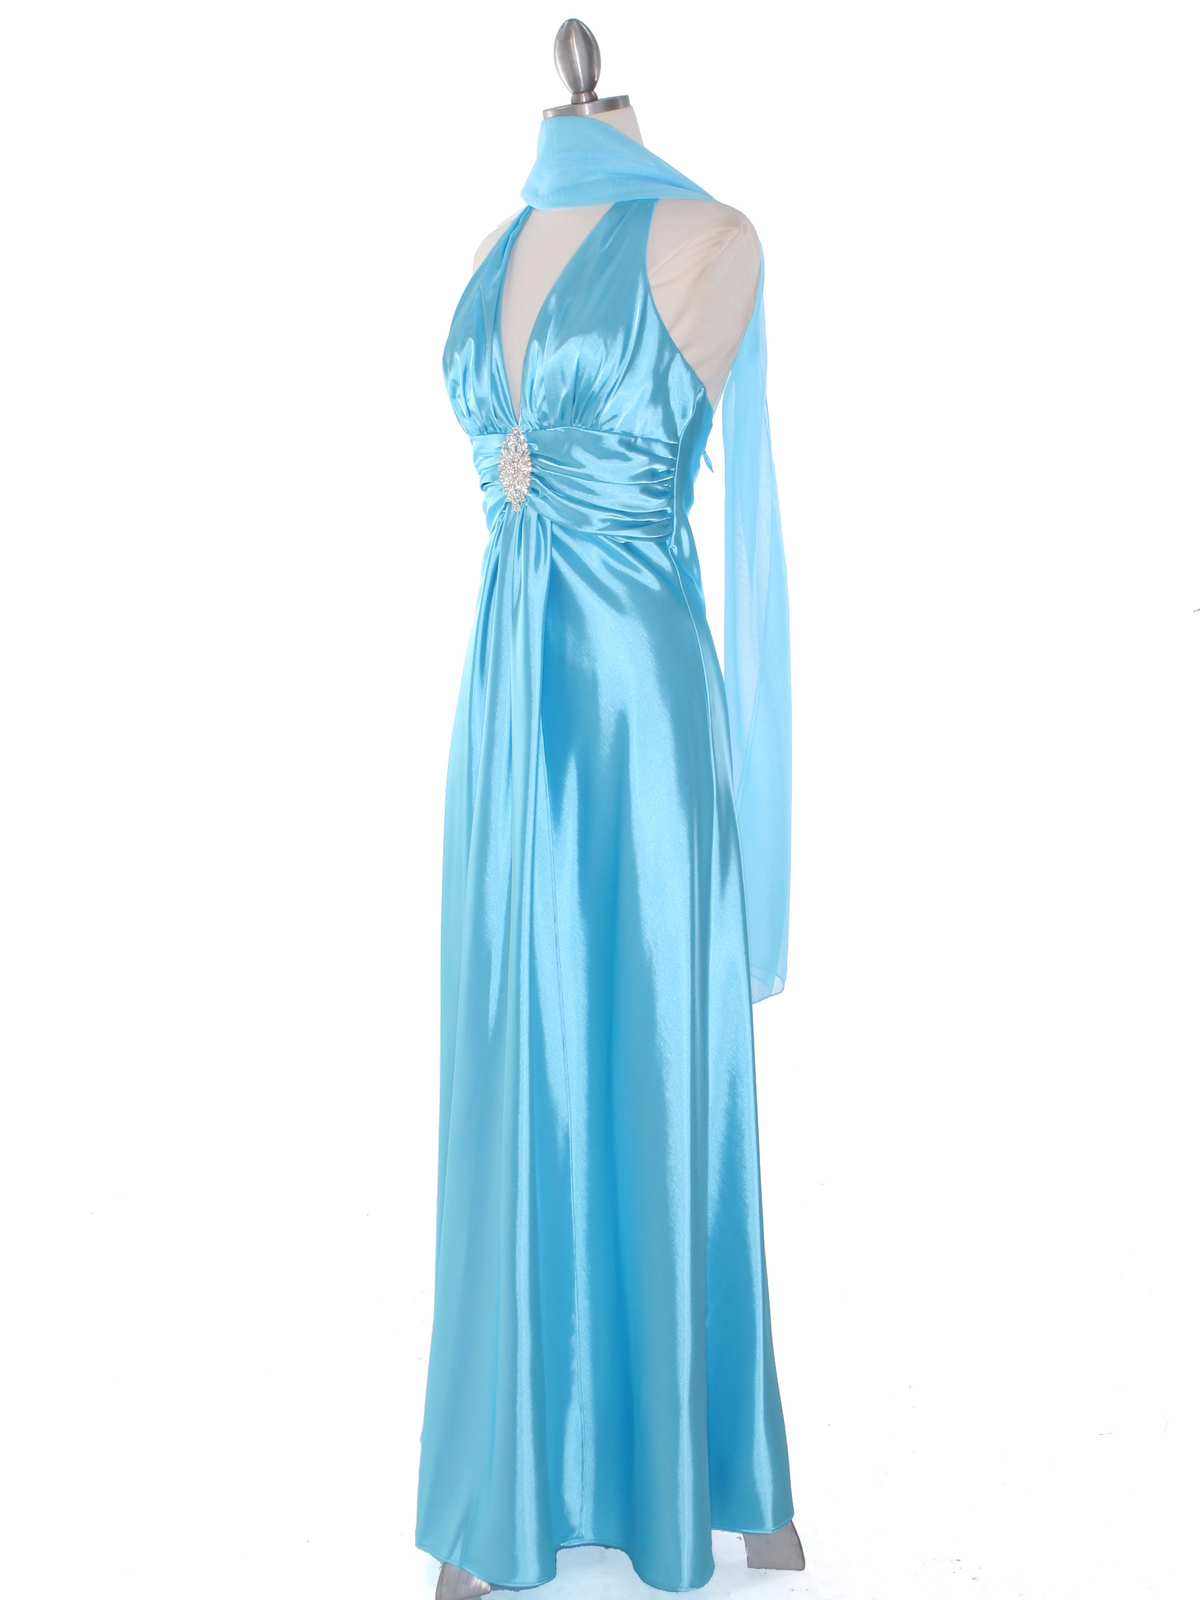 Aqua Satin Halter Evening Dress Sung Boutique L A